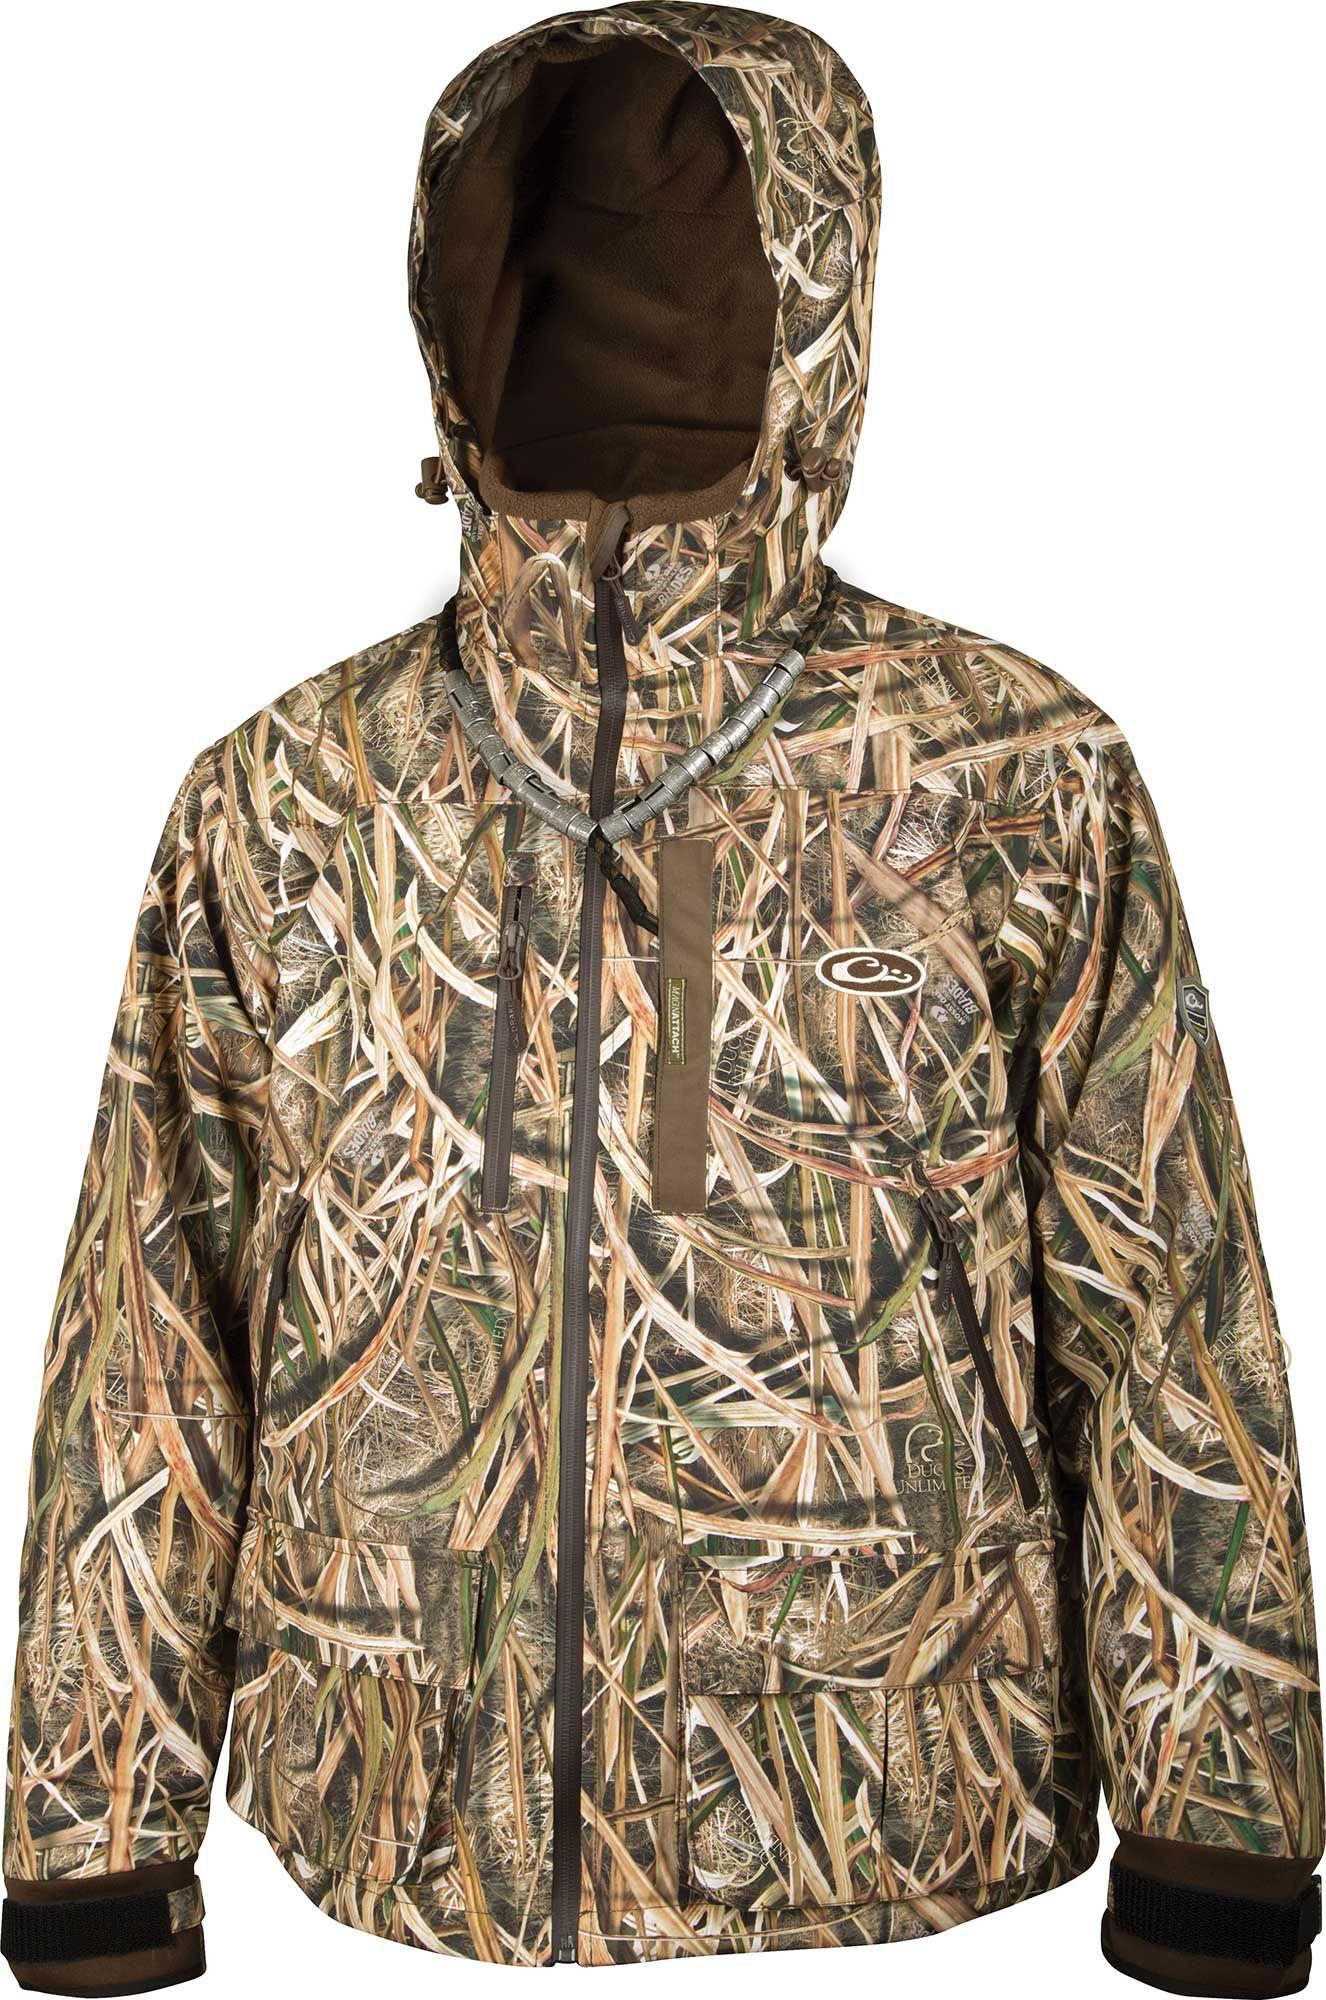 Drake Waterfowl Men's Guardian Elite Hunting Jacket, Size: Large, Brown thumbnail